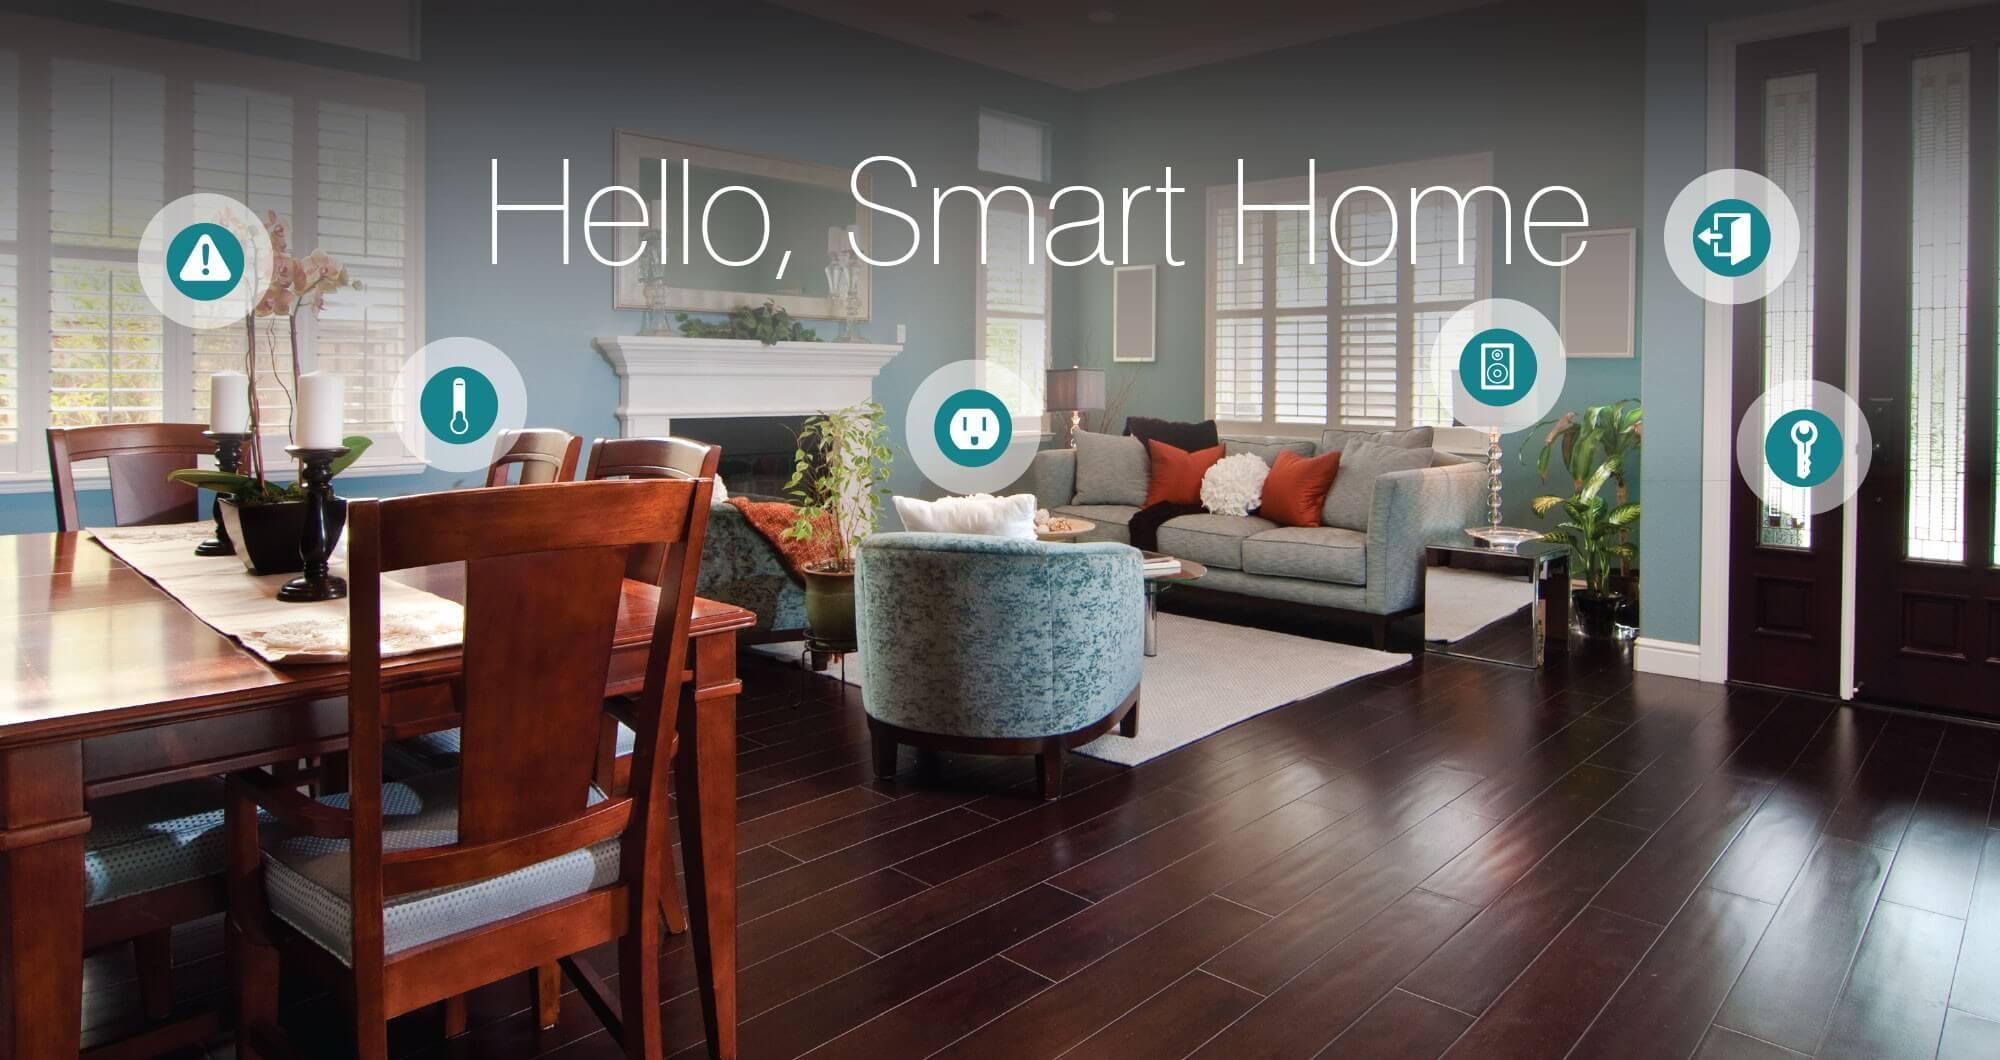 Une maison connectée pour améliorer votre confort de vie (alarme, chauffage, éclairage, multimédia, scénarios, vidéosurveillance, volets, ....)